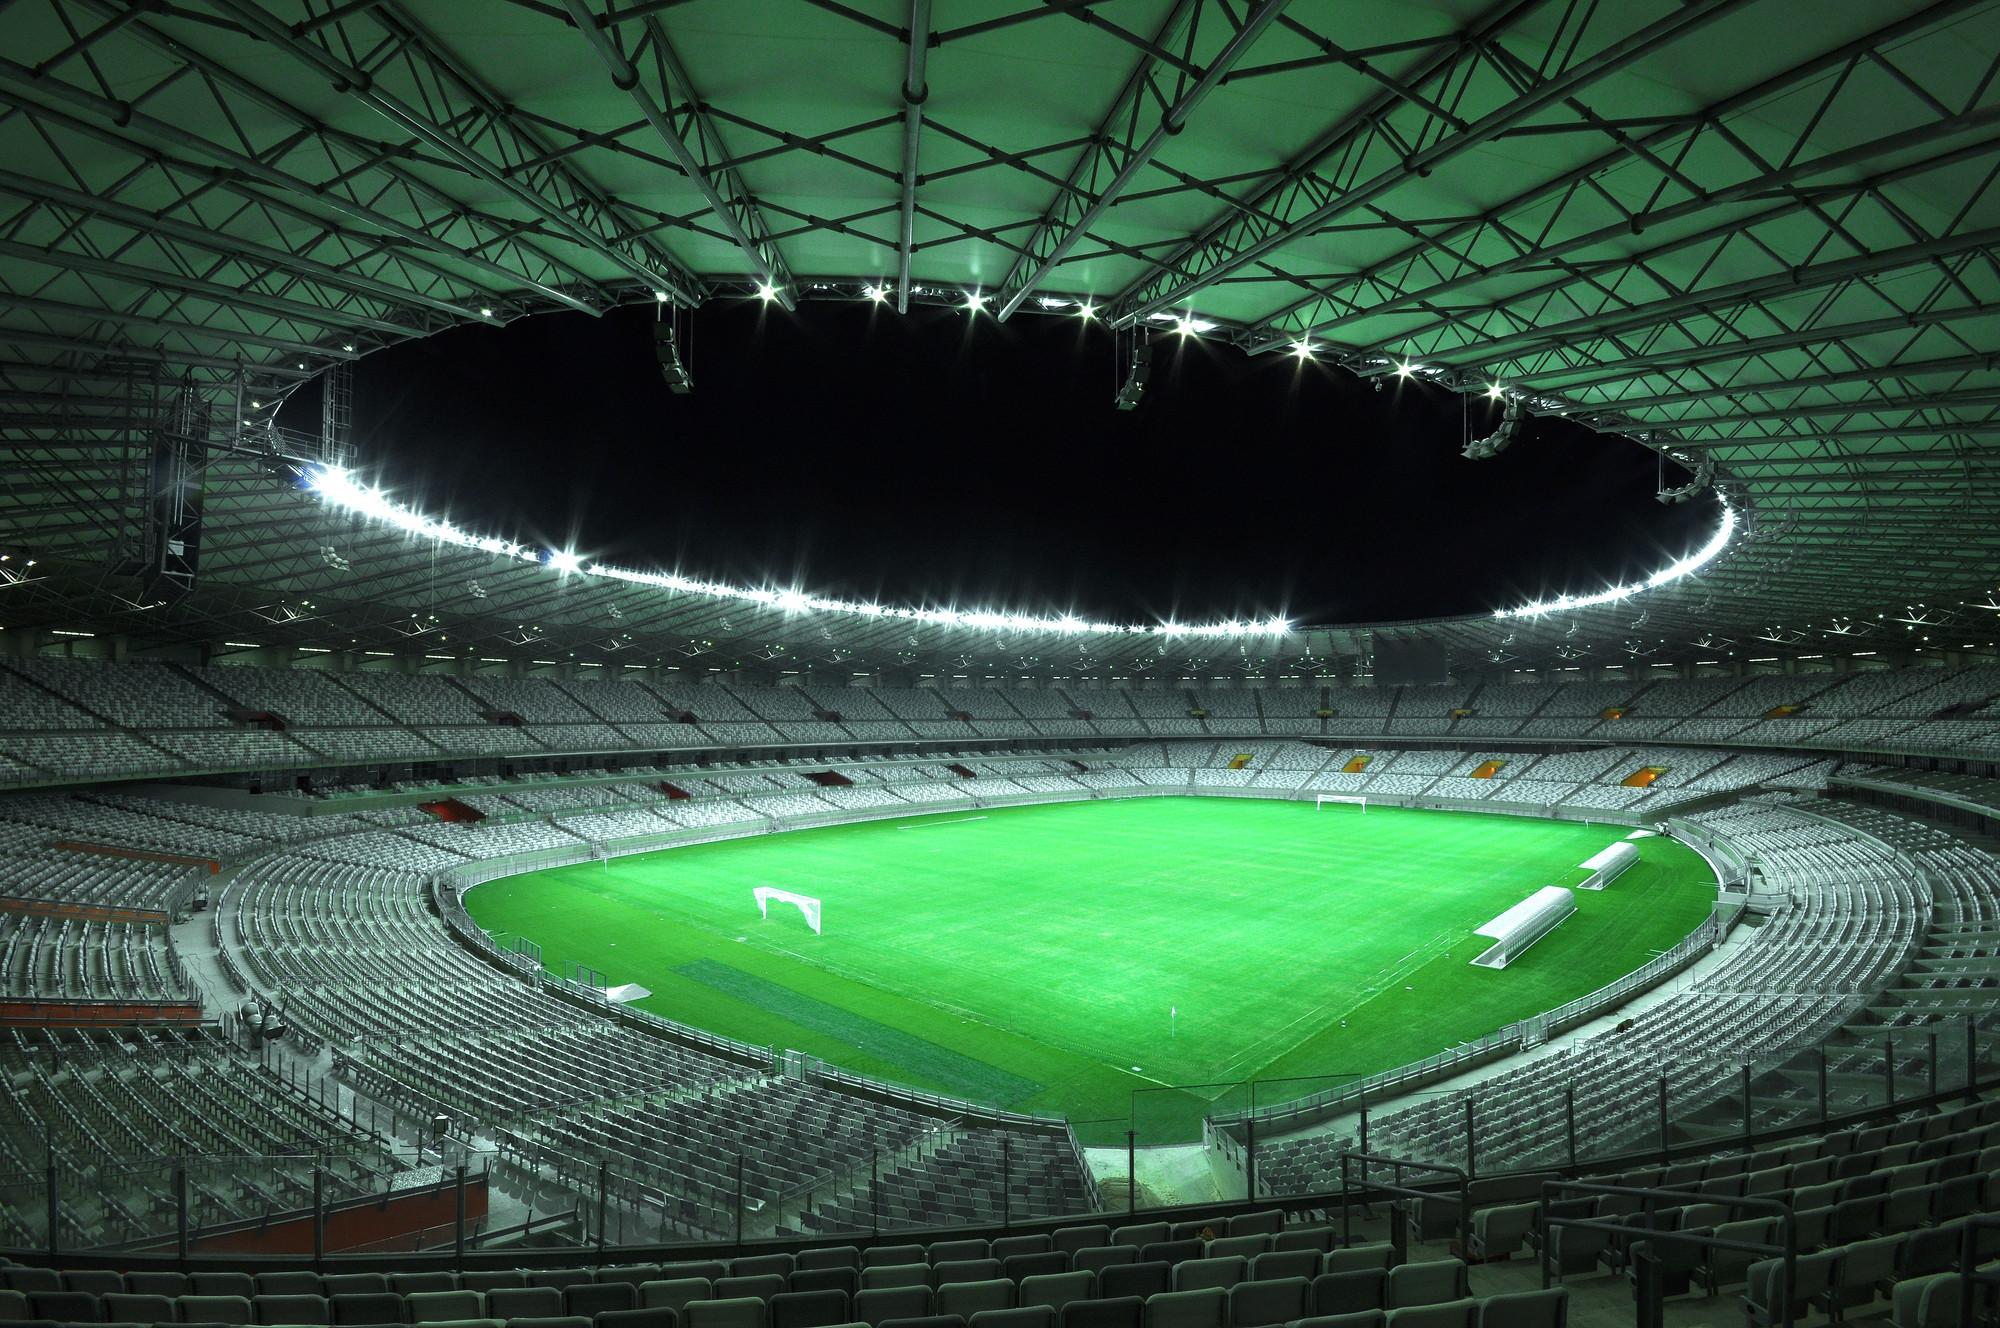 Iluminación de los Estadios de la Copa Mundial FIFA 2014 por Schréder, Estadio Mineirão en Belo Horizonte. Image Courtesy of Schréder